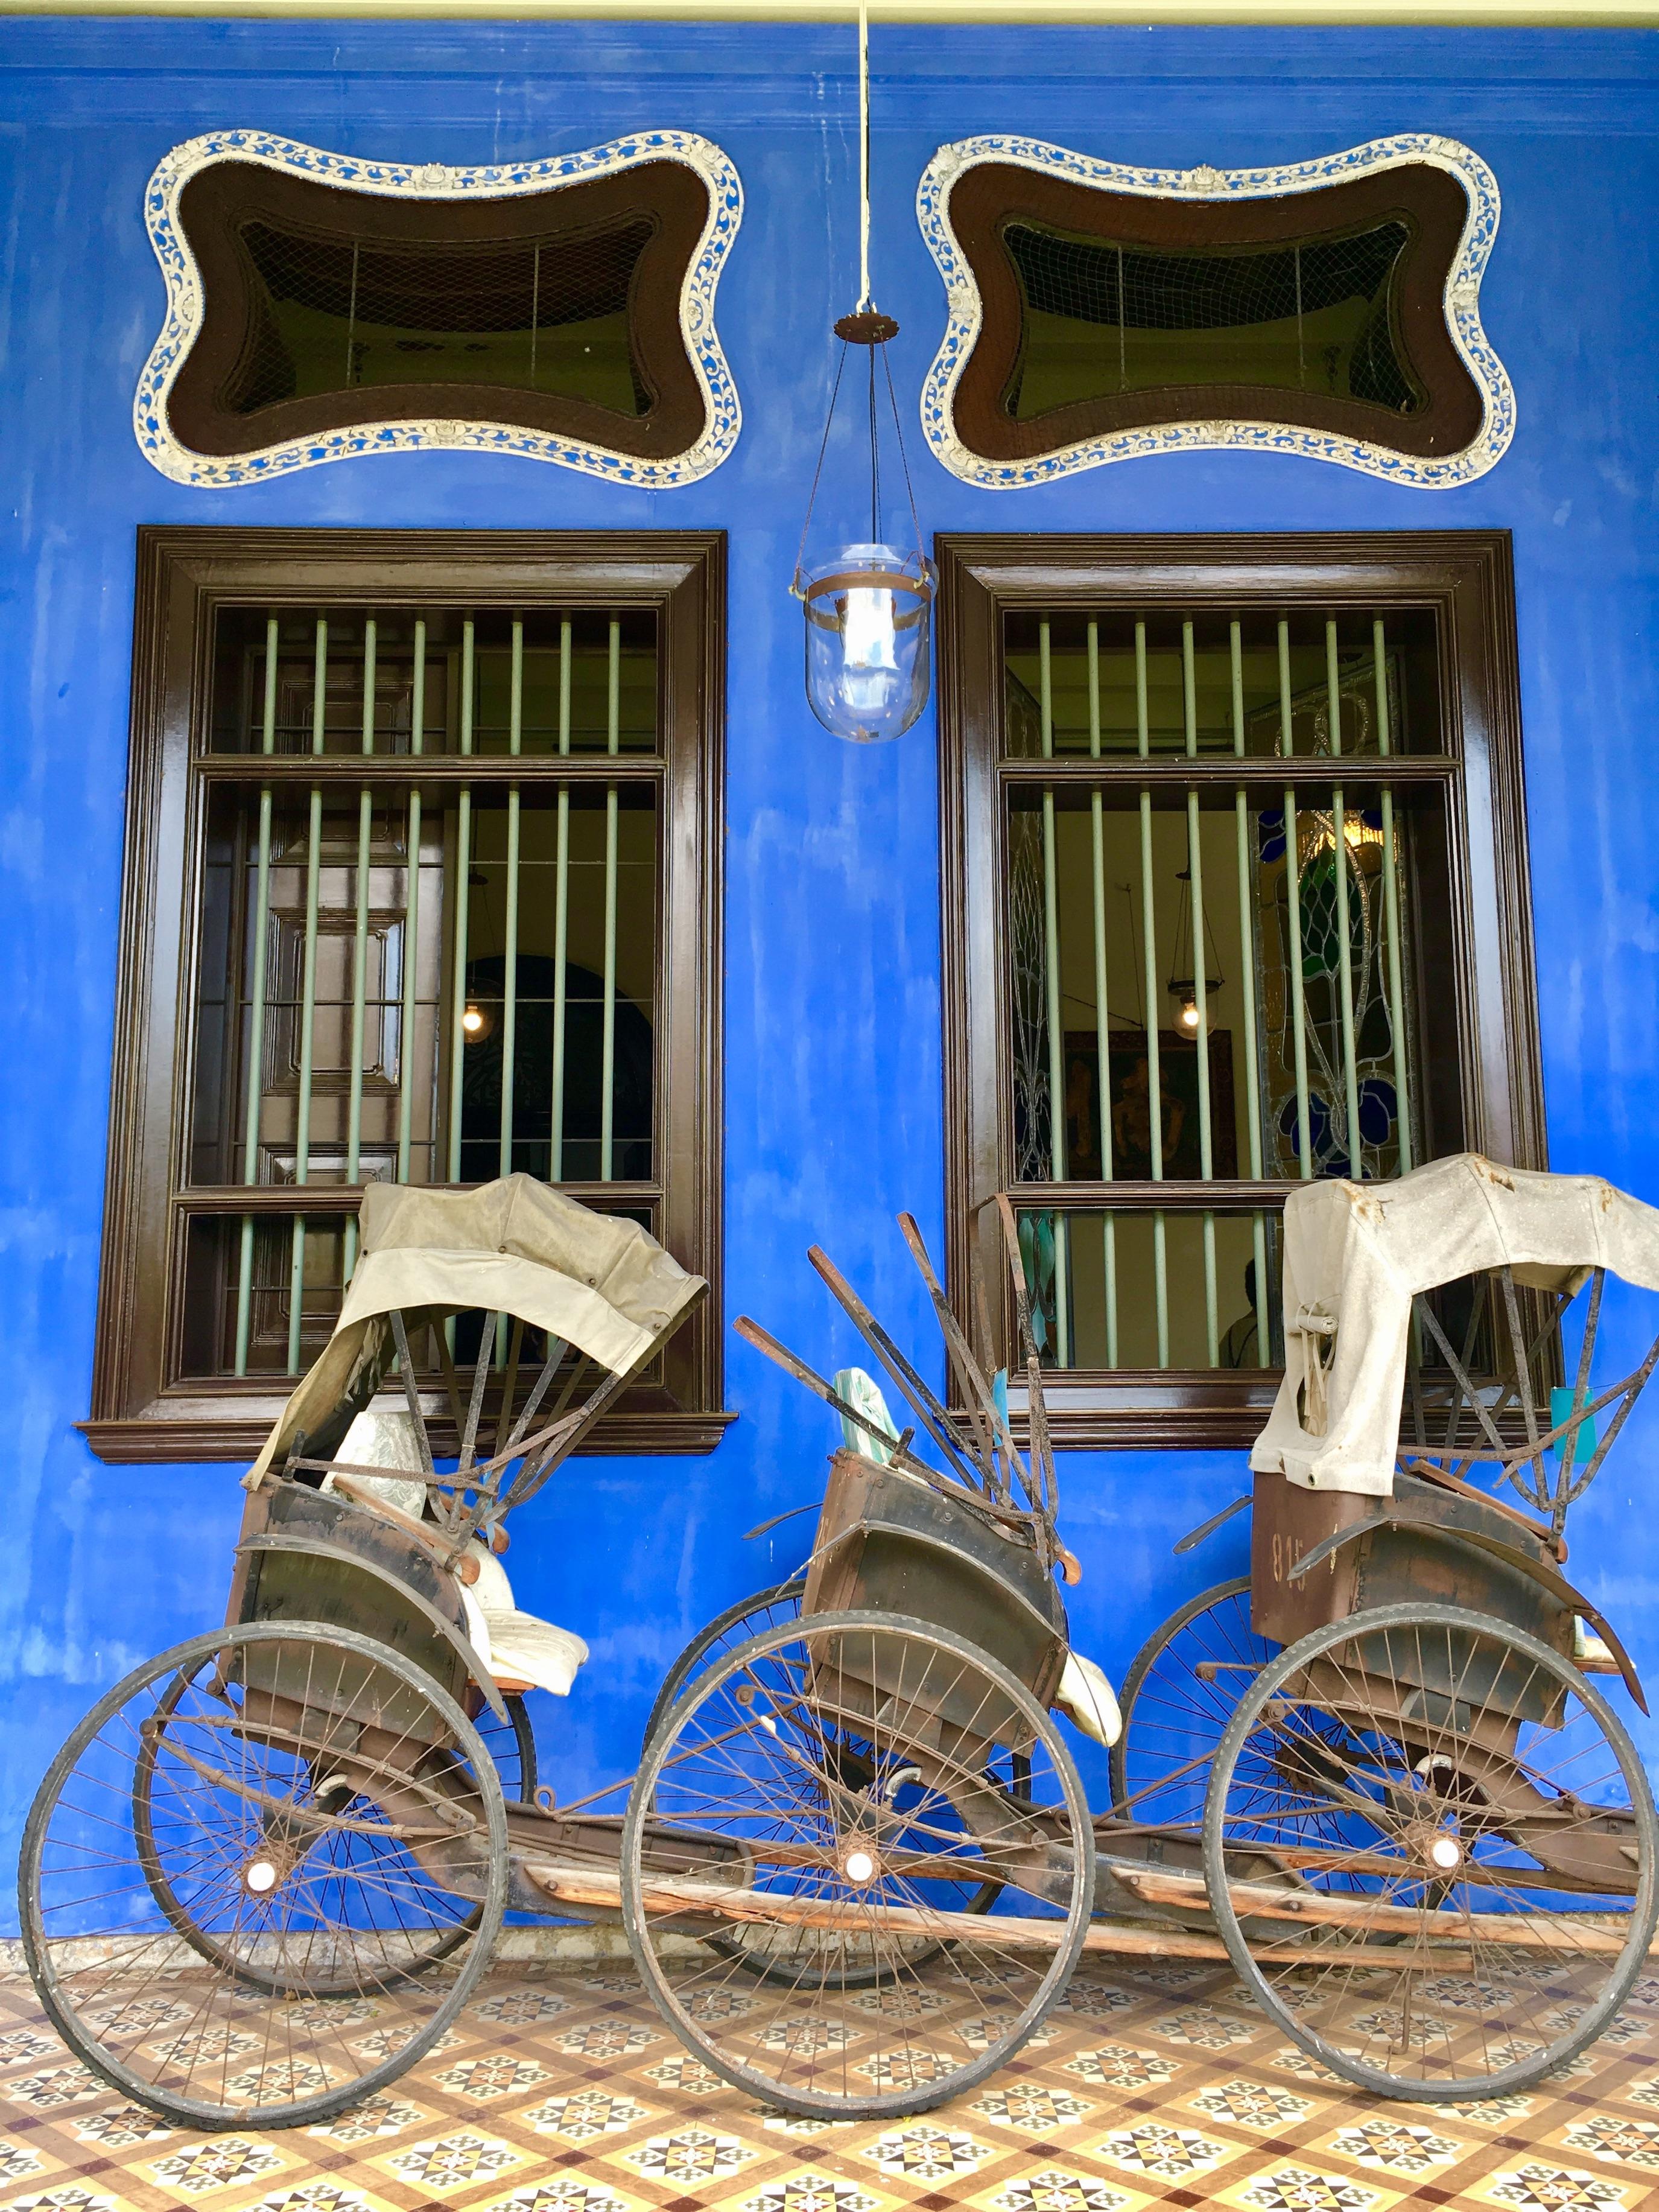 Maison bleu 1.jpg